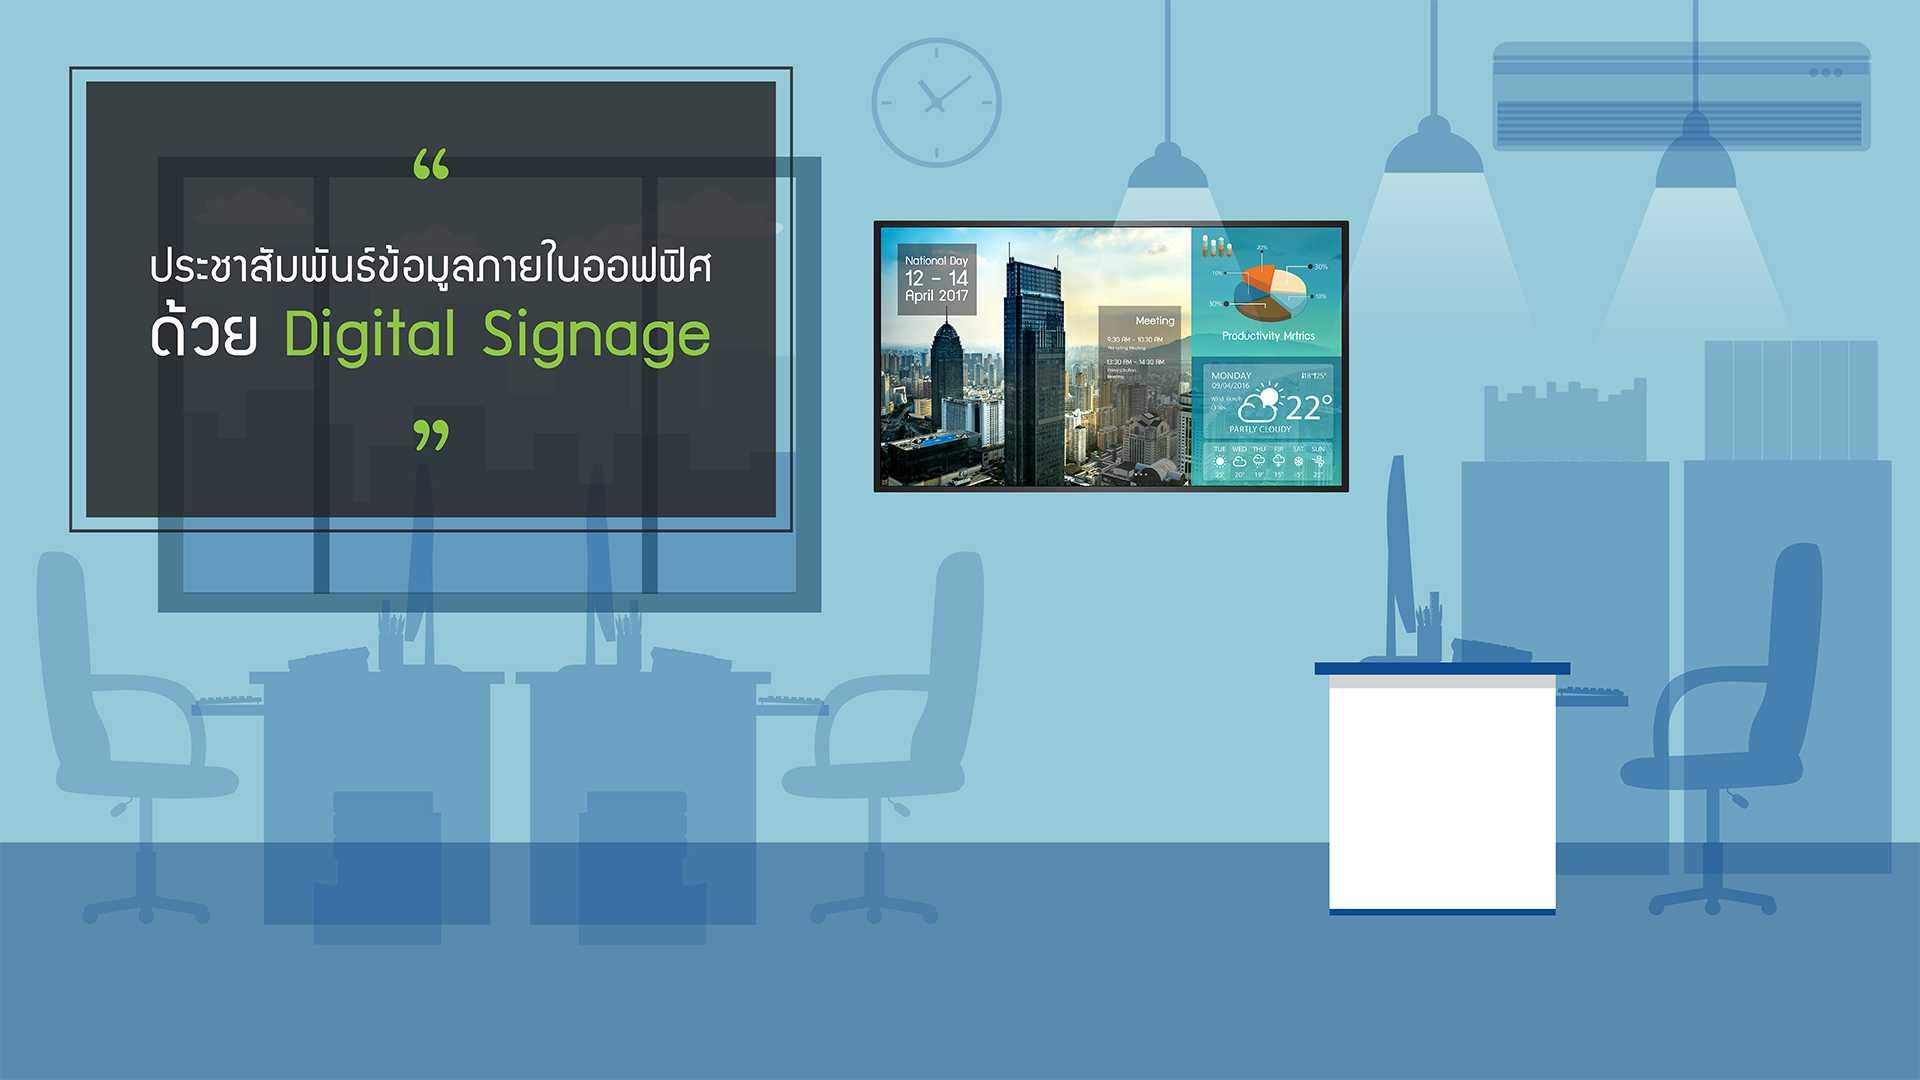 Digital Signage สำหรับภายในออฟฟิศสำนักงาน หรือโรงงาน